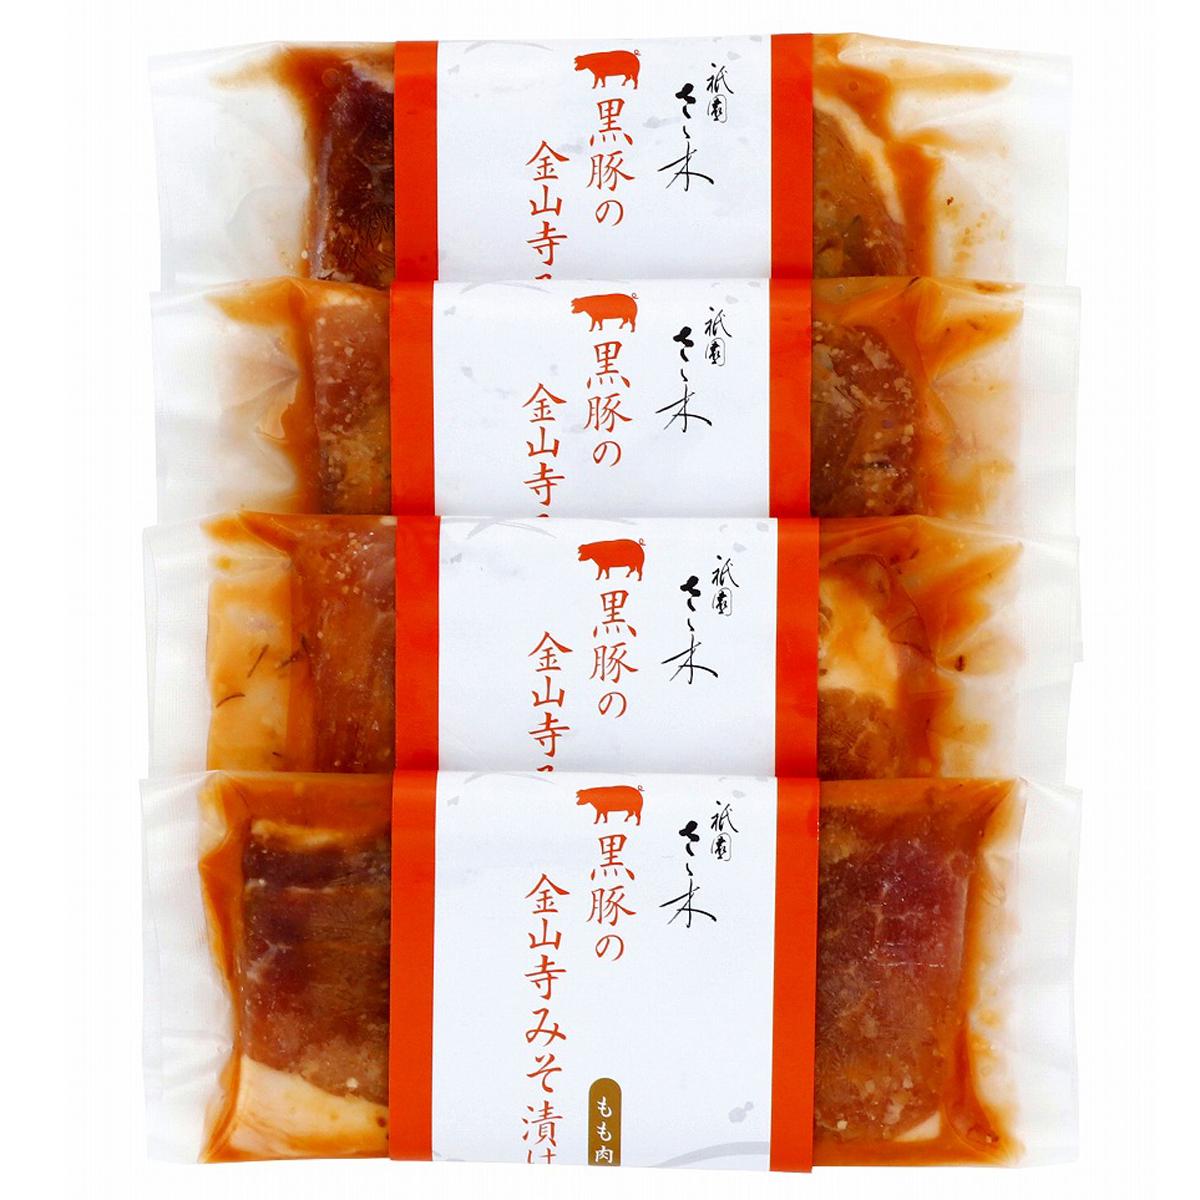 祇園さゝ木 黒豚の金山寺みそ漬け 〔100g×4〕 冷凍惣菜 九州産 豚肉味噌漬け